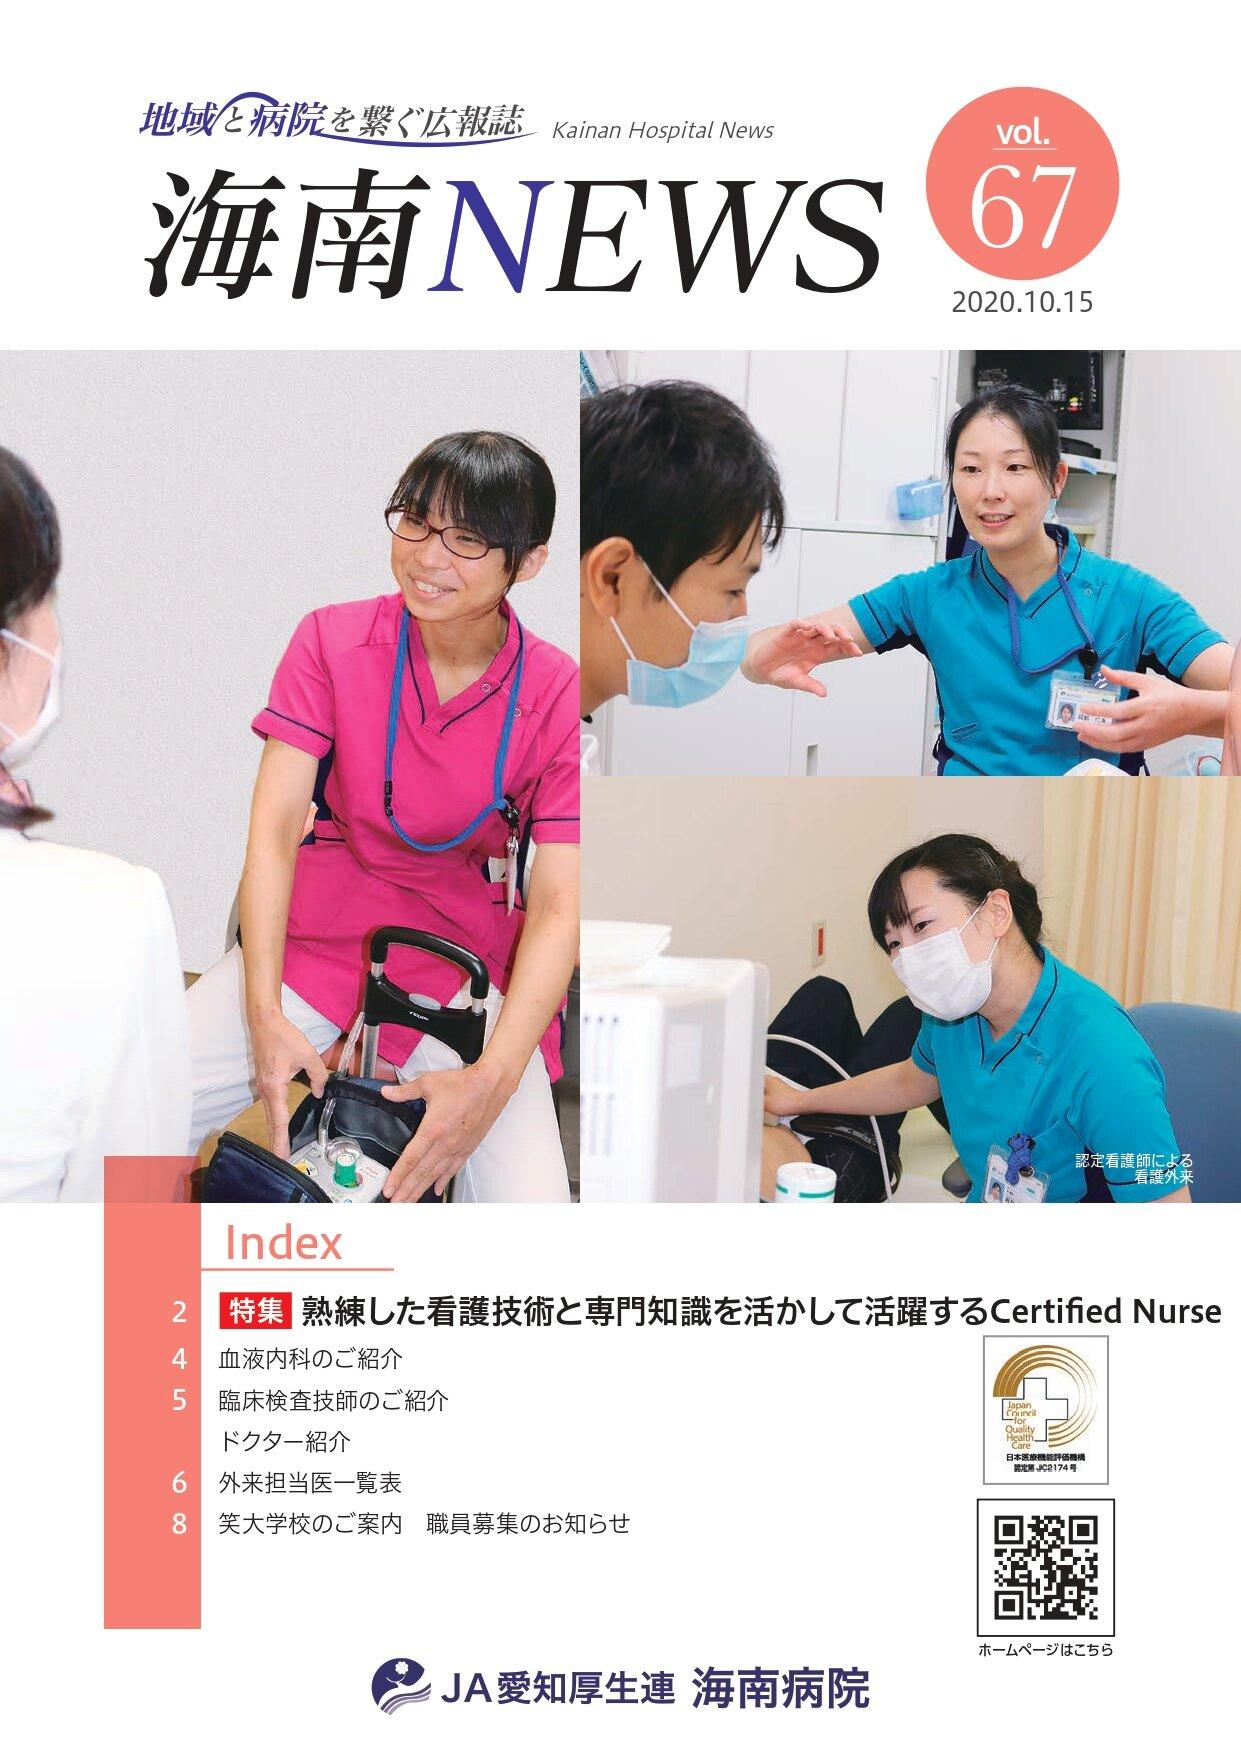 海南NEWS 67号(R2.10.15)